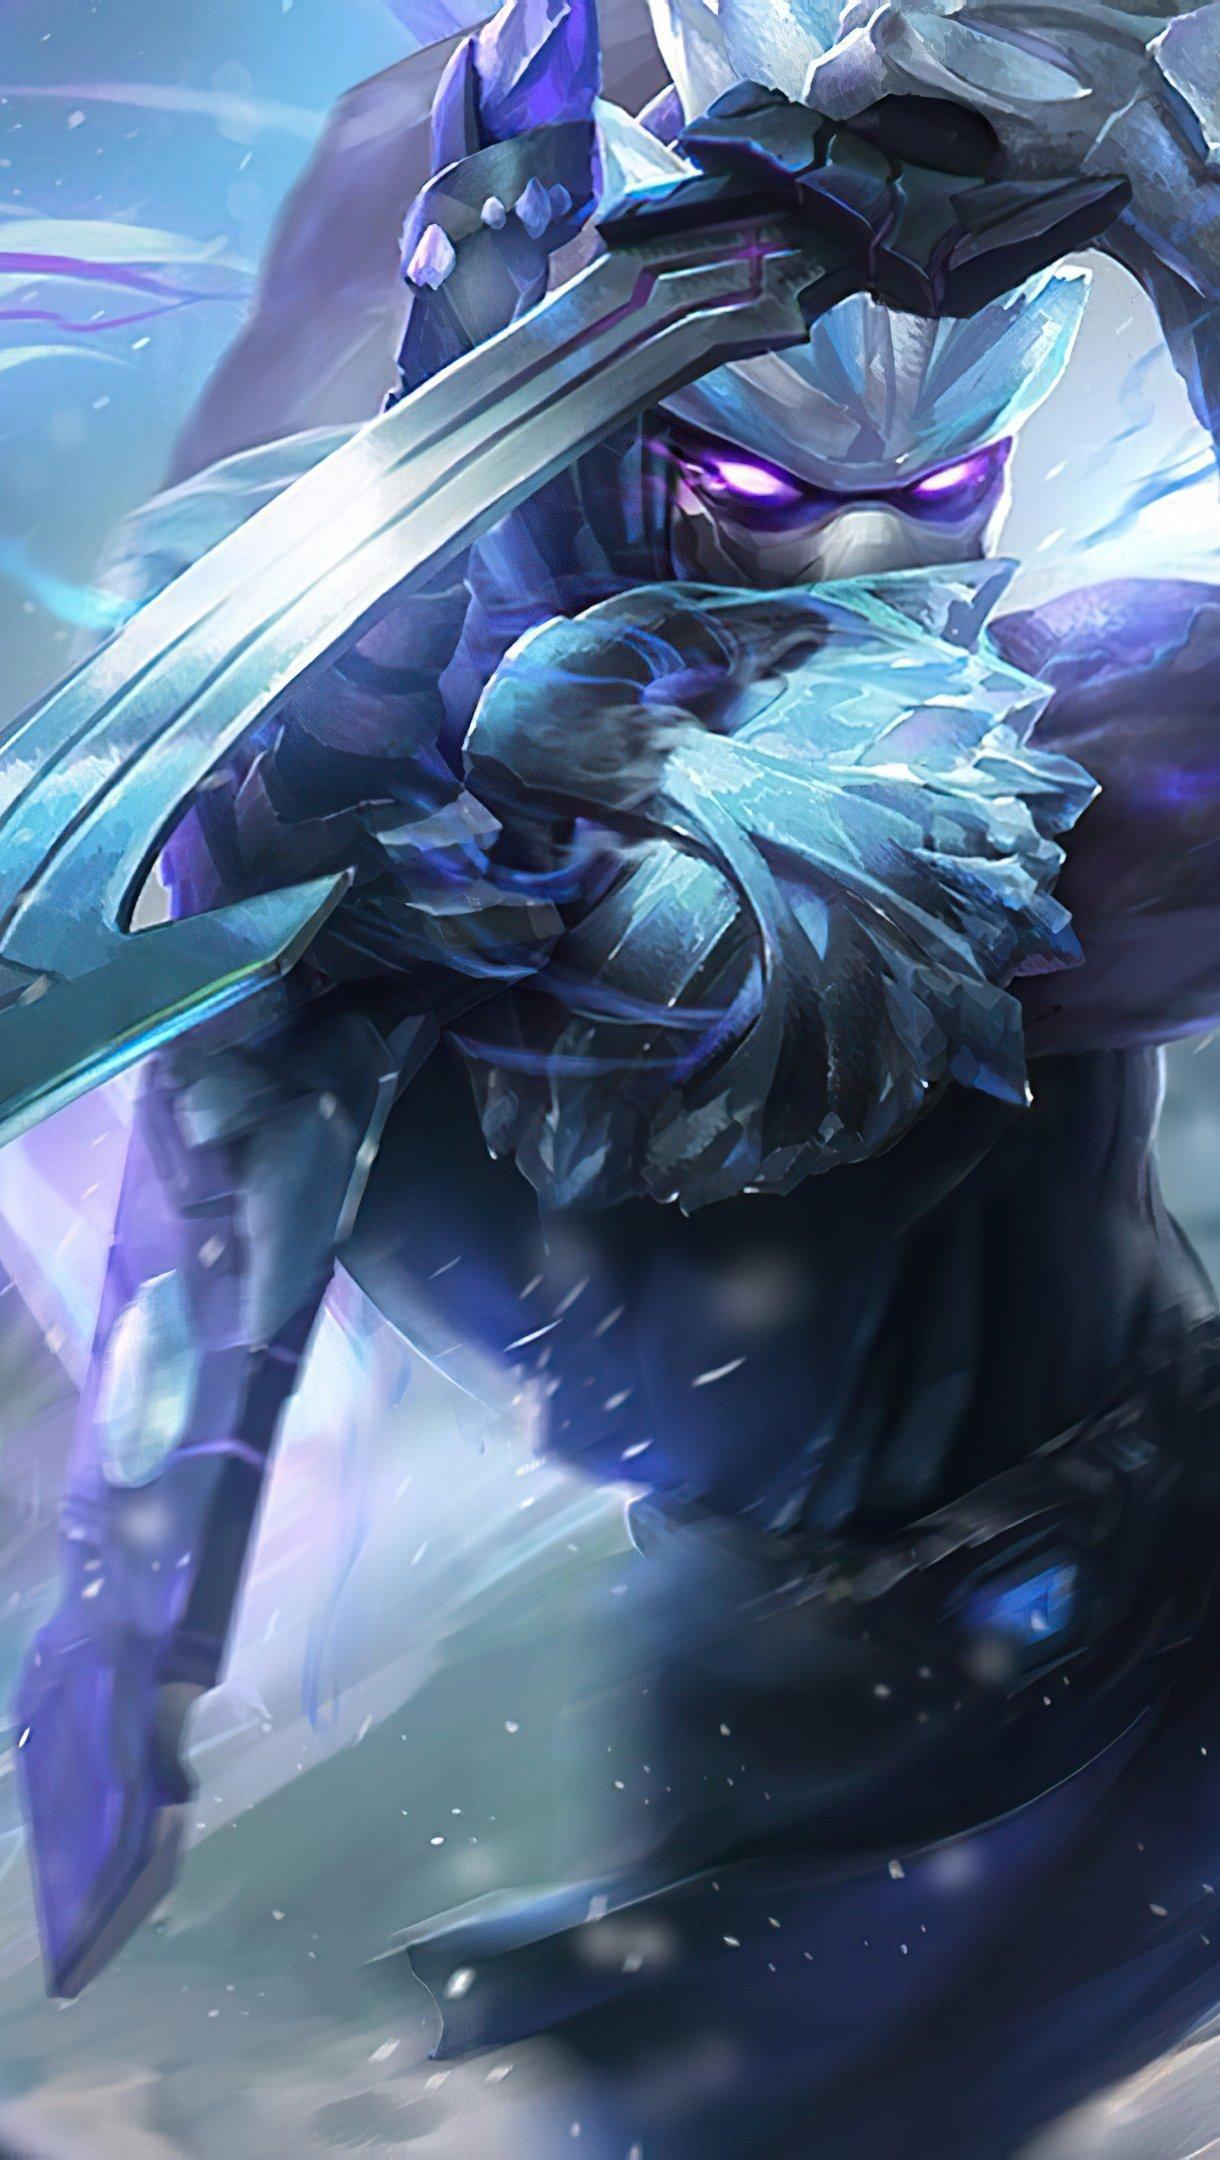 Wallpaper Shen from League of Legends Vertical